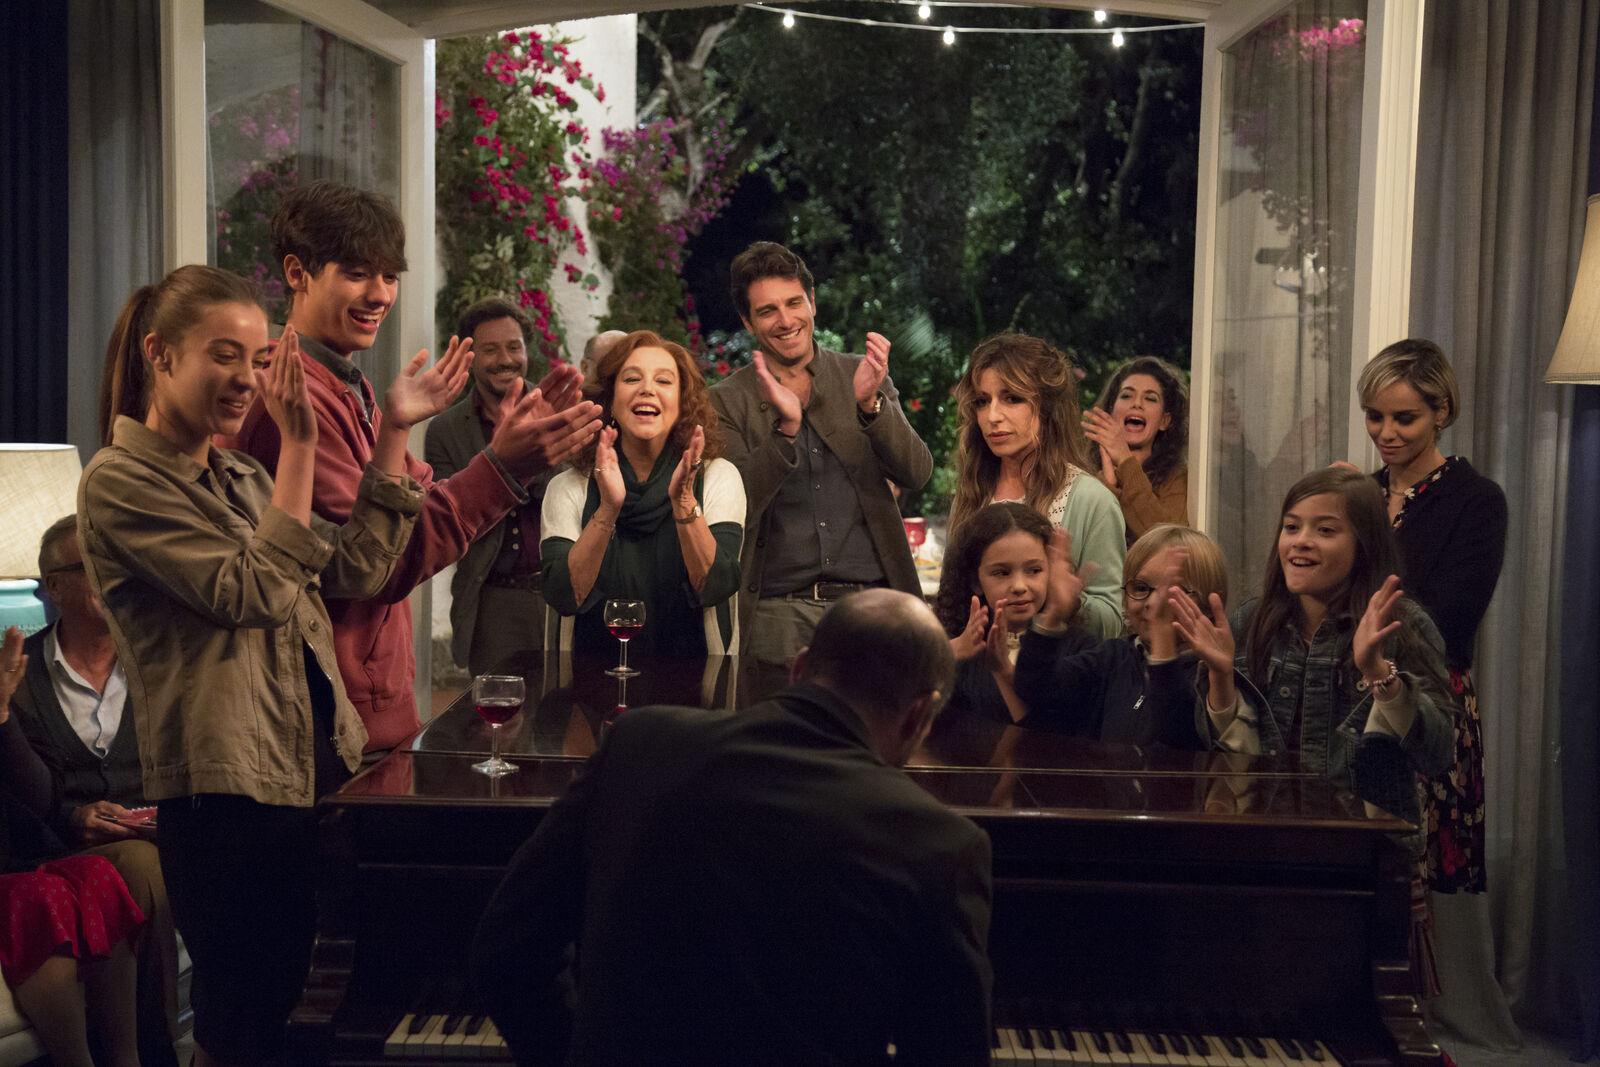 Buitenbioscoop 'A Casa Tutti Bene' 29 juni gaat door!